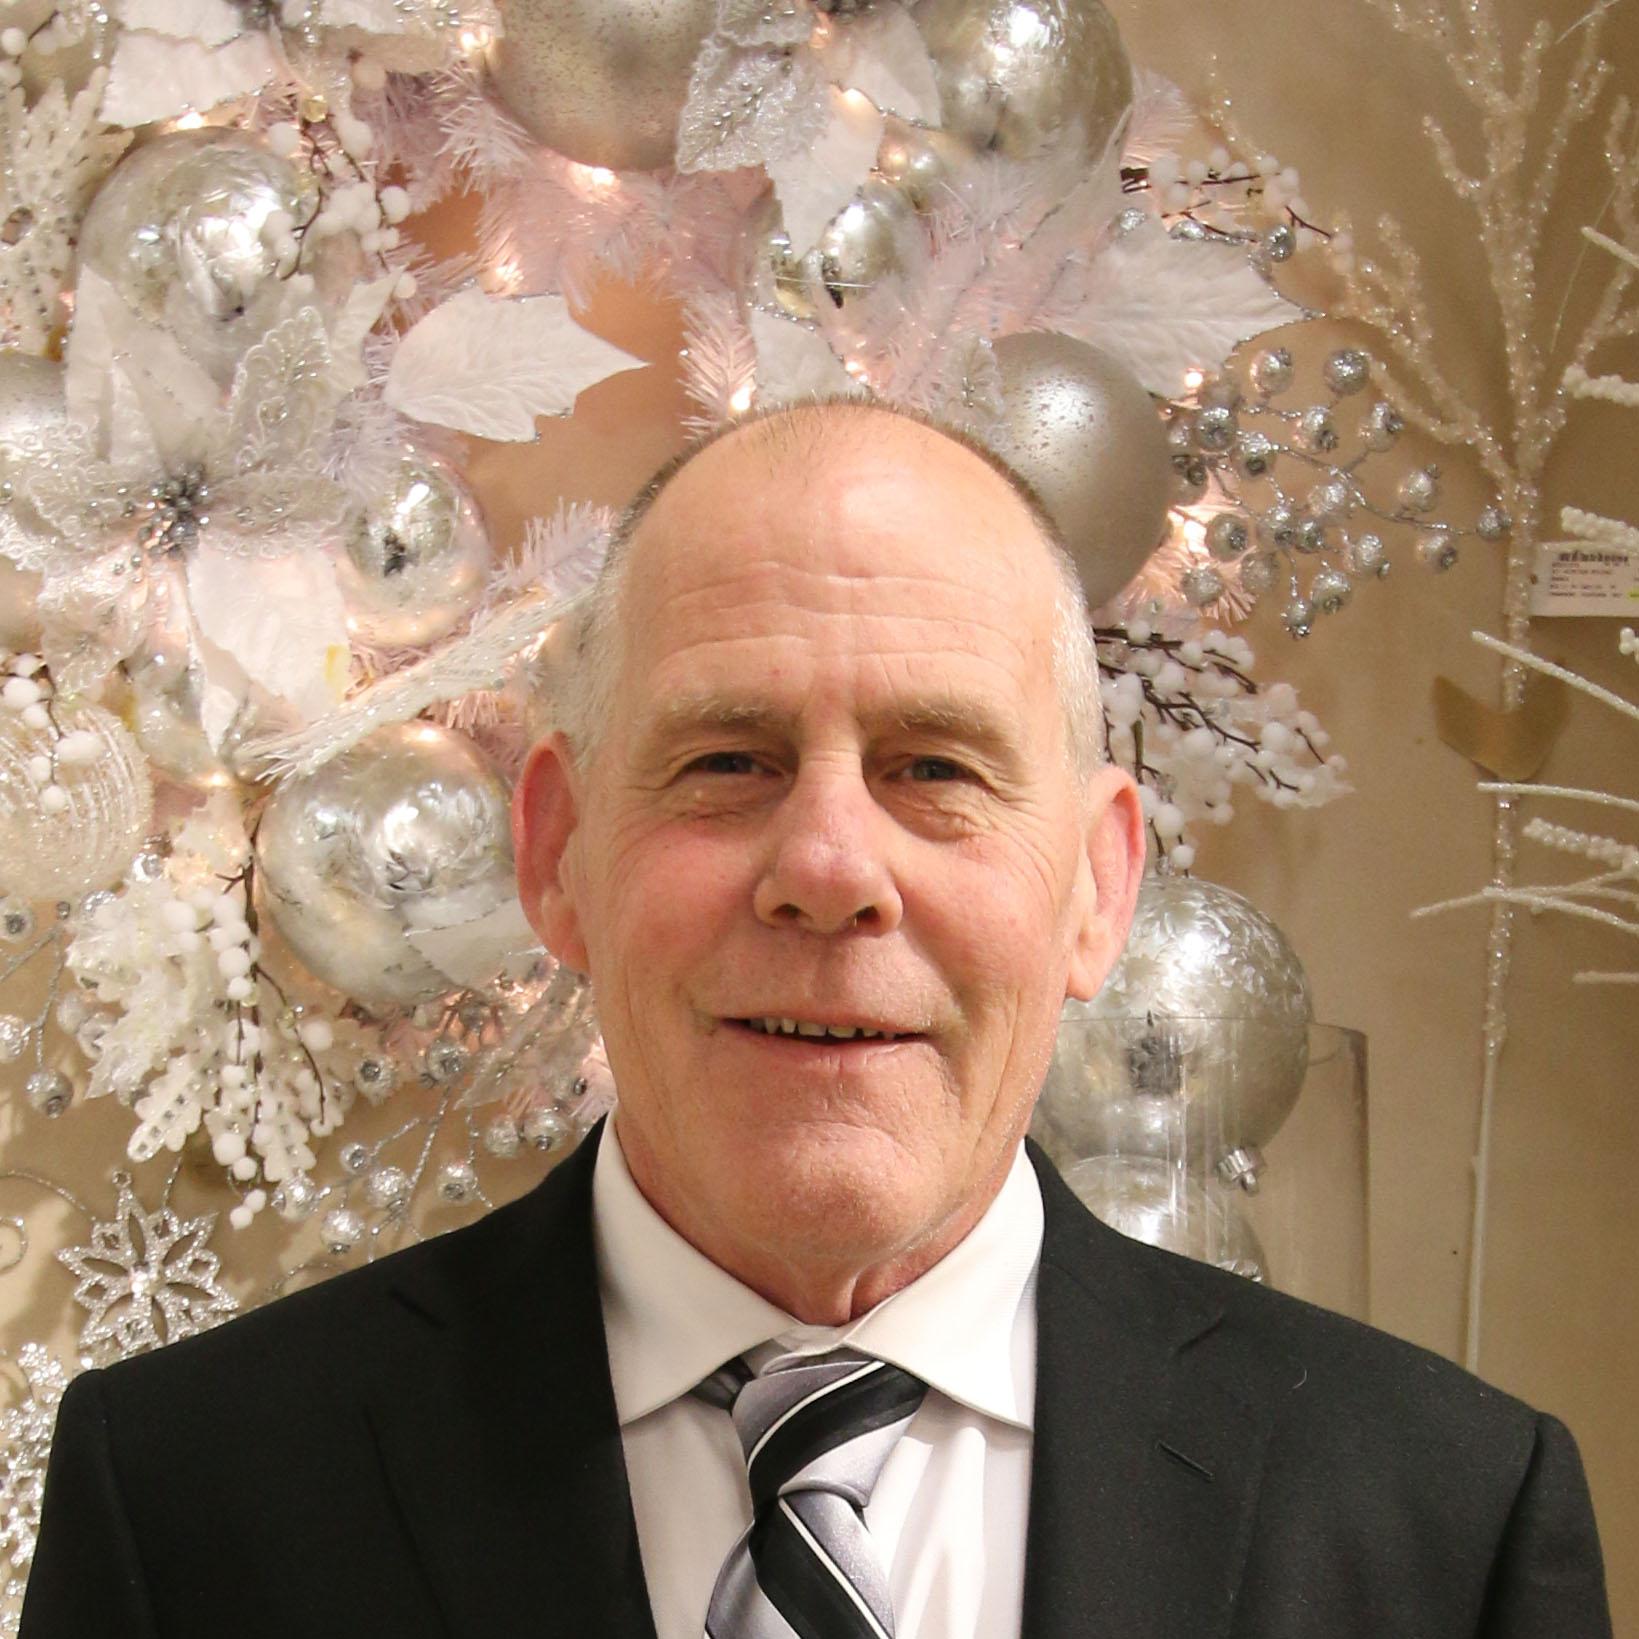 Bob Gunning